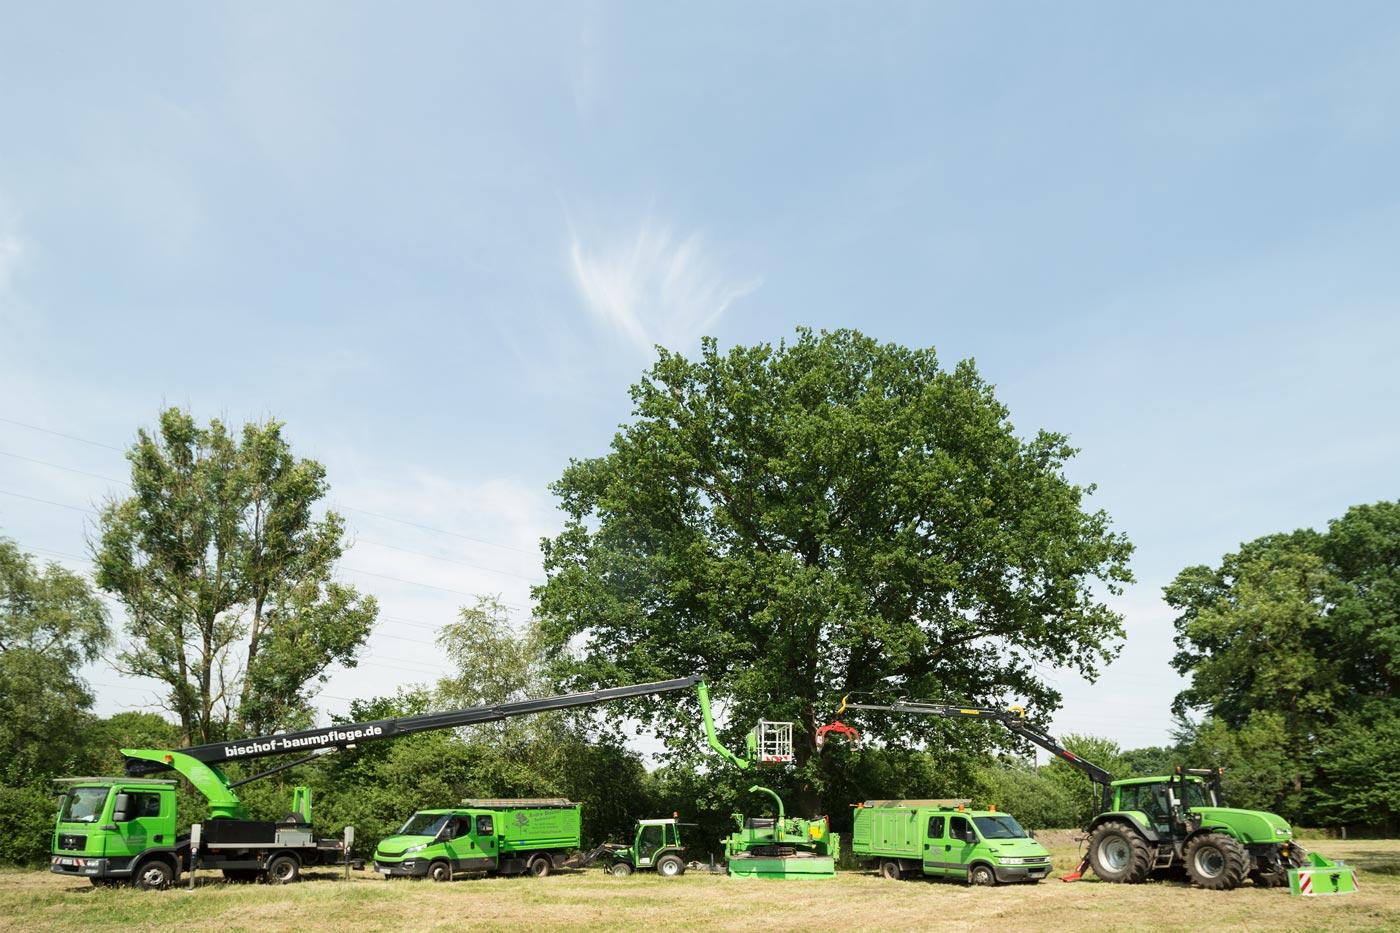 Unser Fuhrpark und unsere Gerätschaften sind auf dem neuesten Stand der Technik. Unter anderem verfügt Bischof-Baumpflege über zwei Traktoren, die je nach Erfordernis eingesetzt werden werden können.